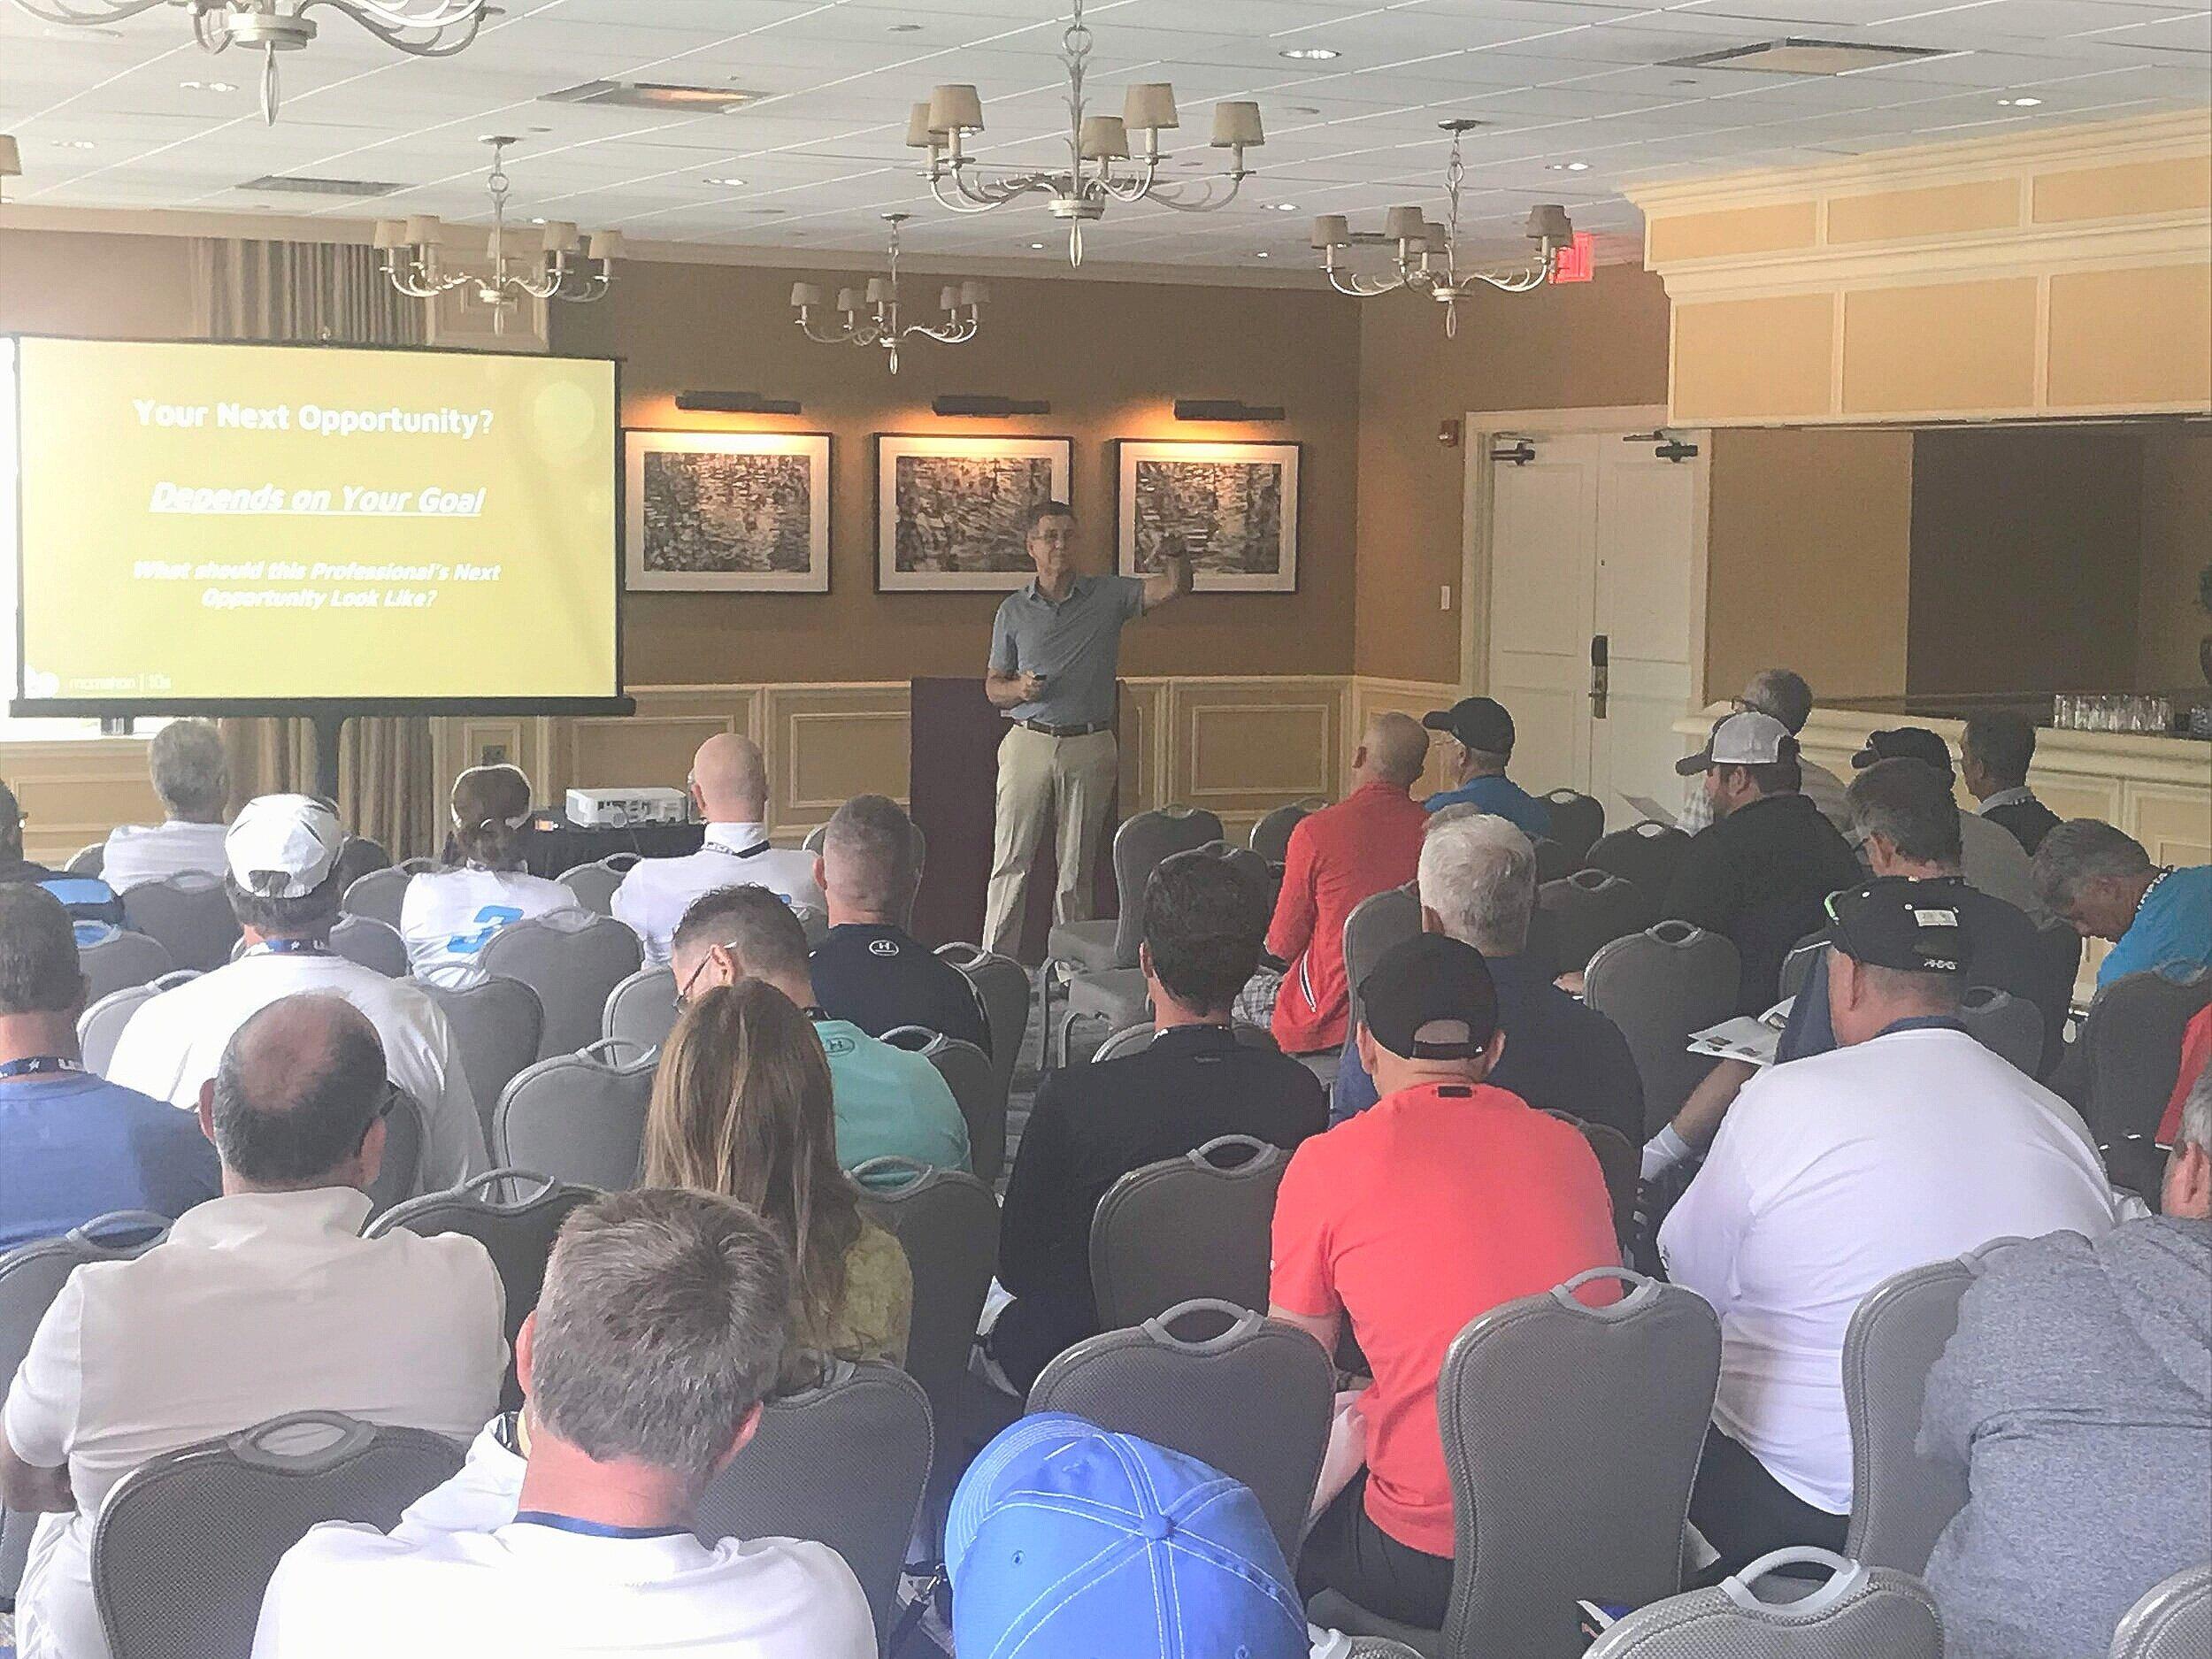 Mark_McMahon_Speaking_Audience.jpg